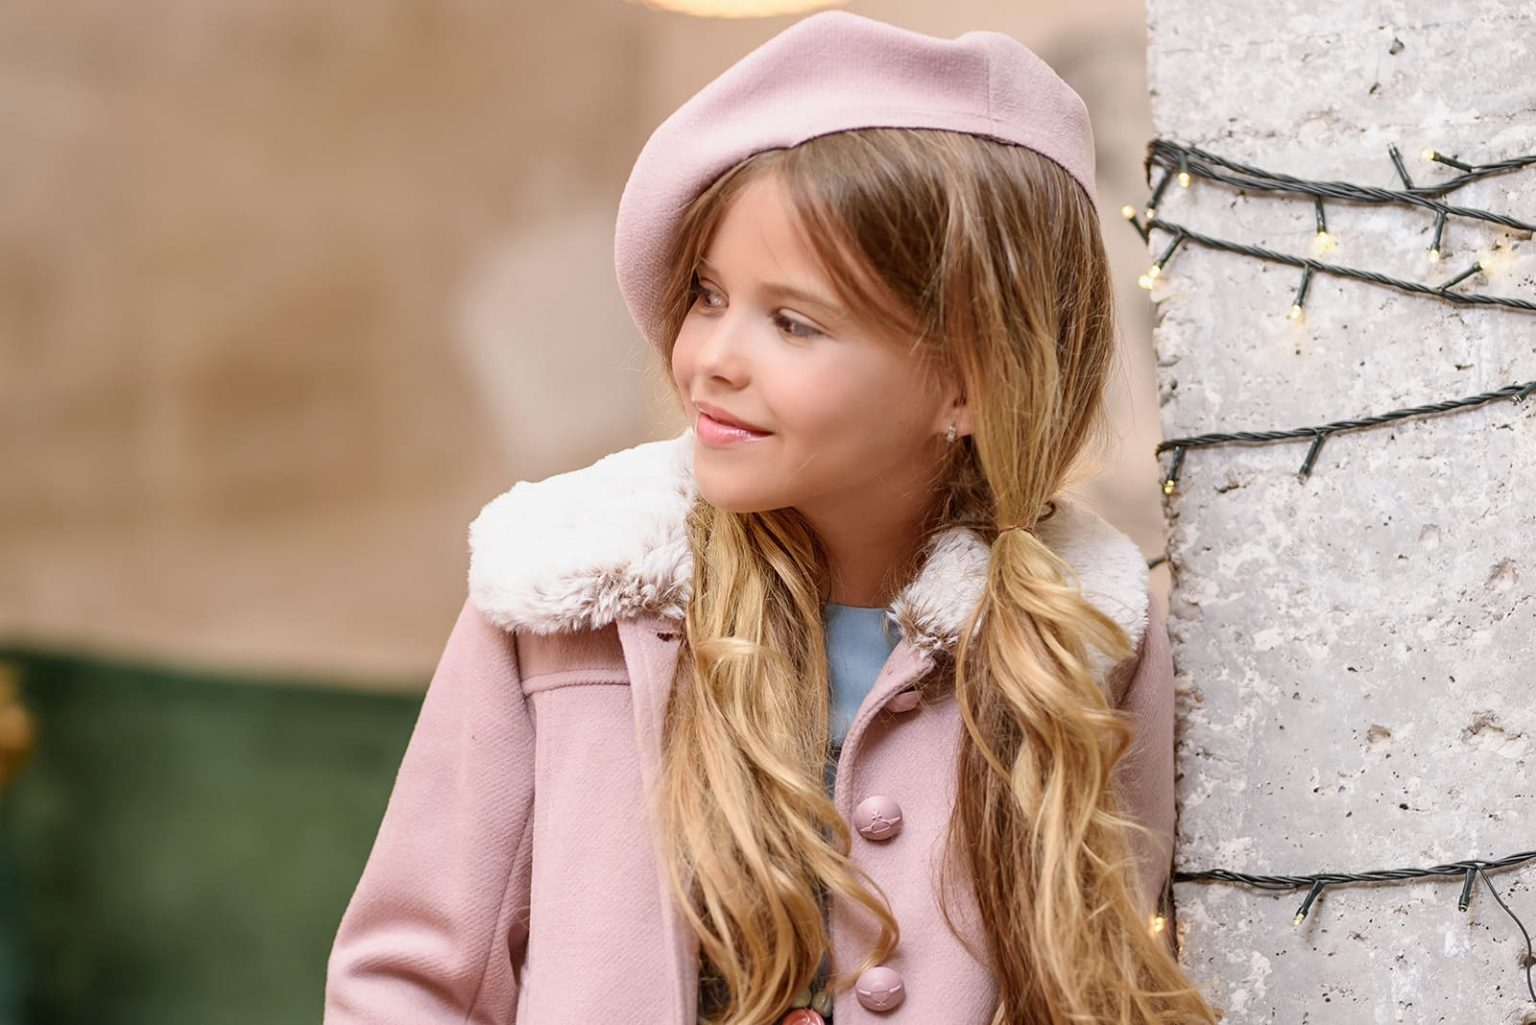 Presentamos tus estilismos favoritos de moda infantil para otoño